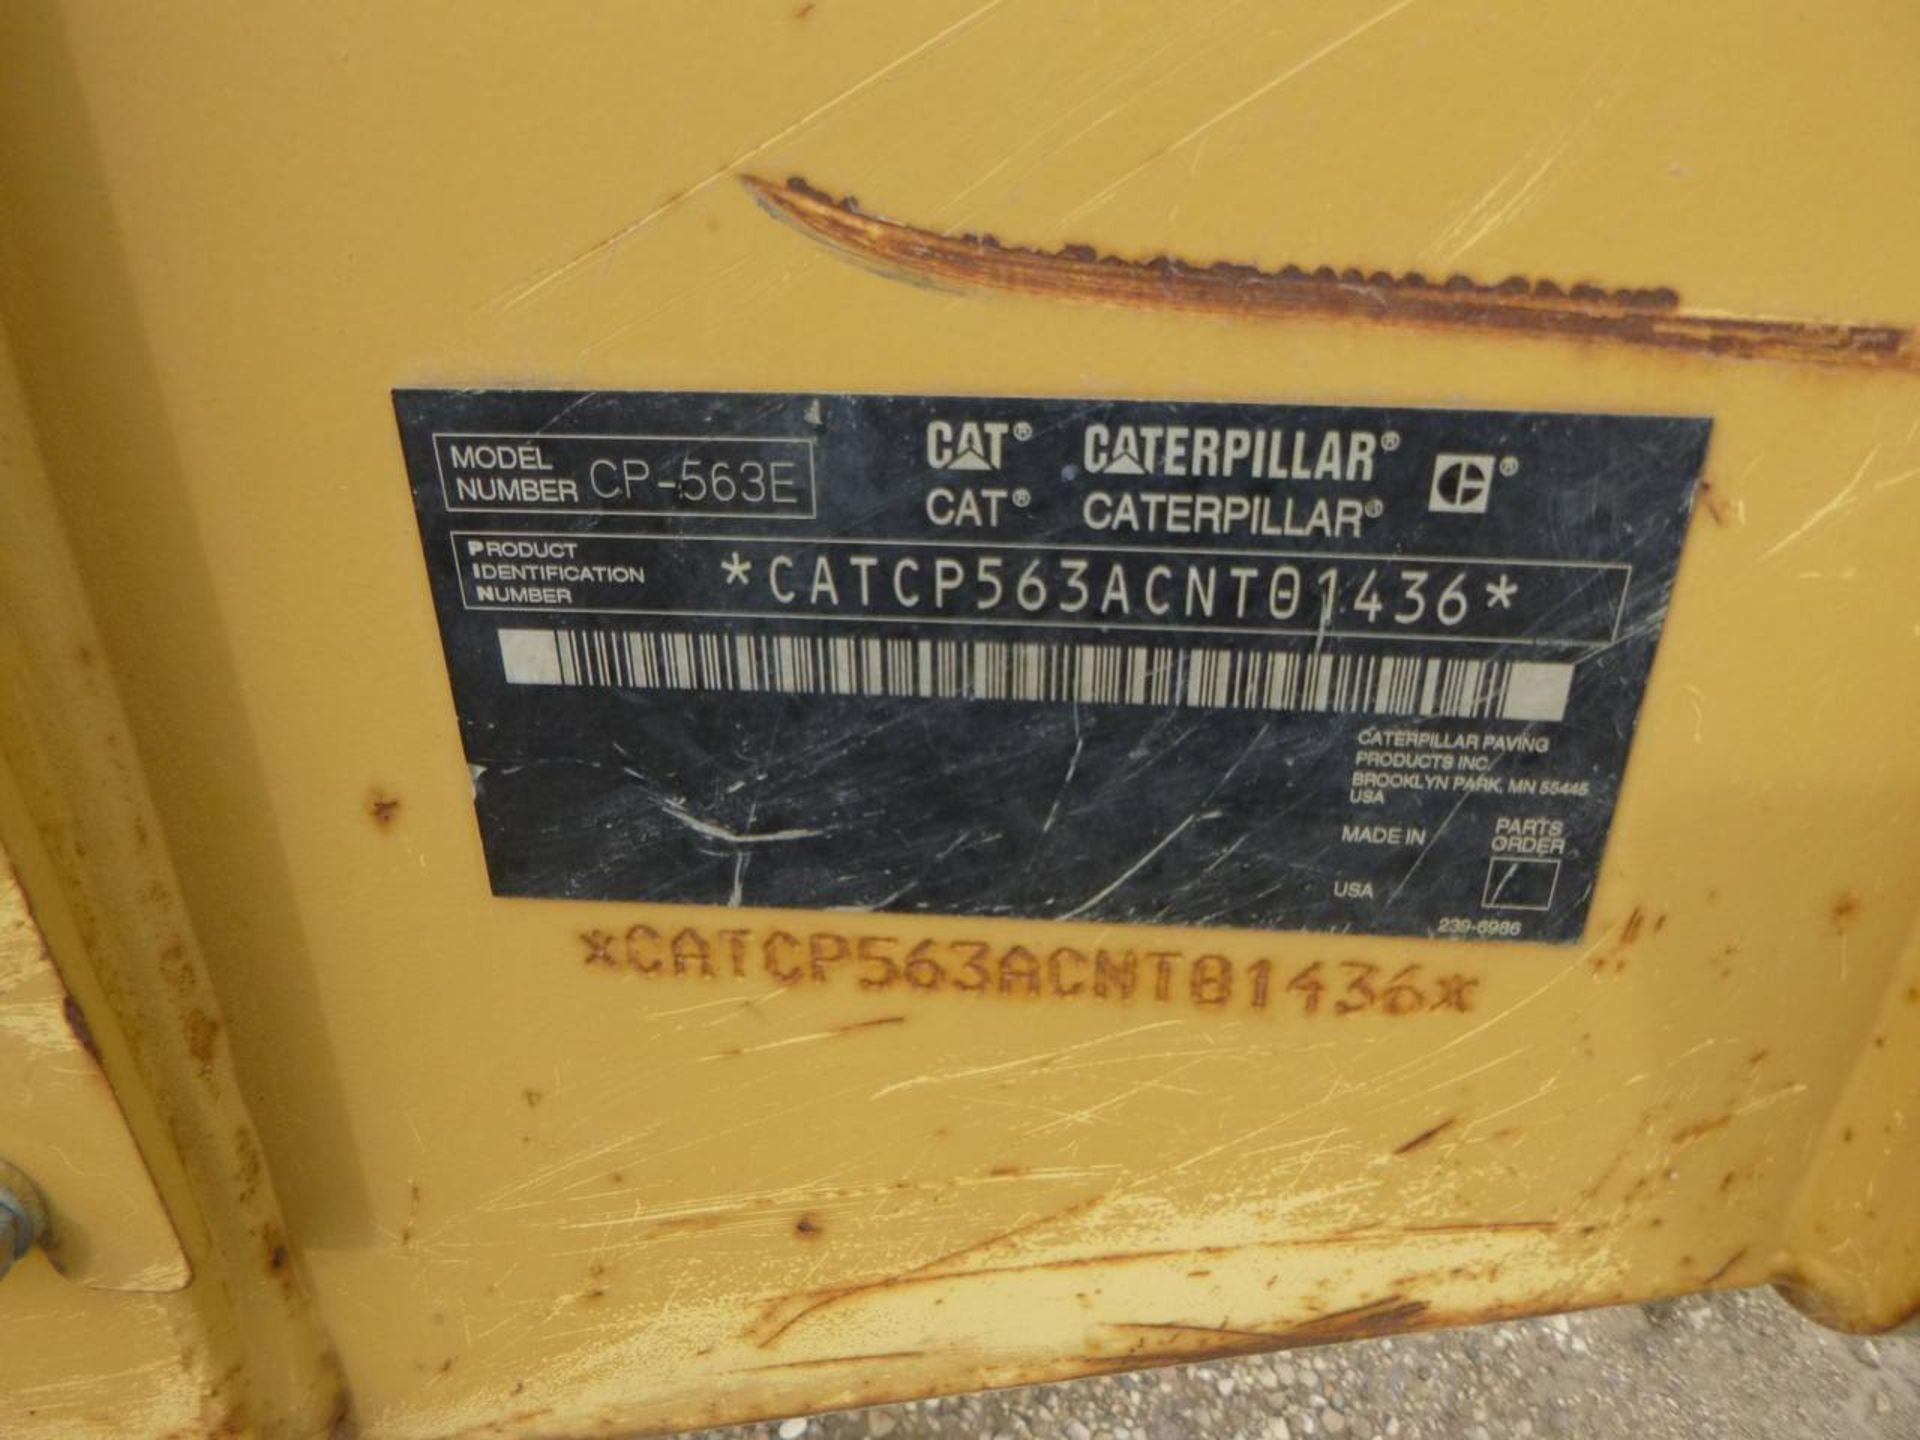 2007 Caterpillar CP-563E Compactor - Image 9 of 9